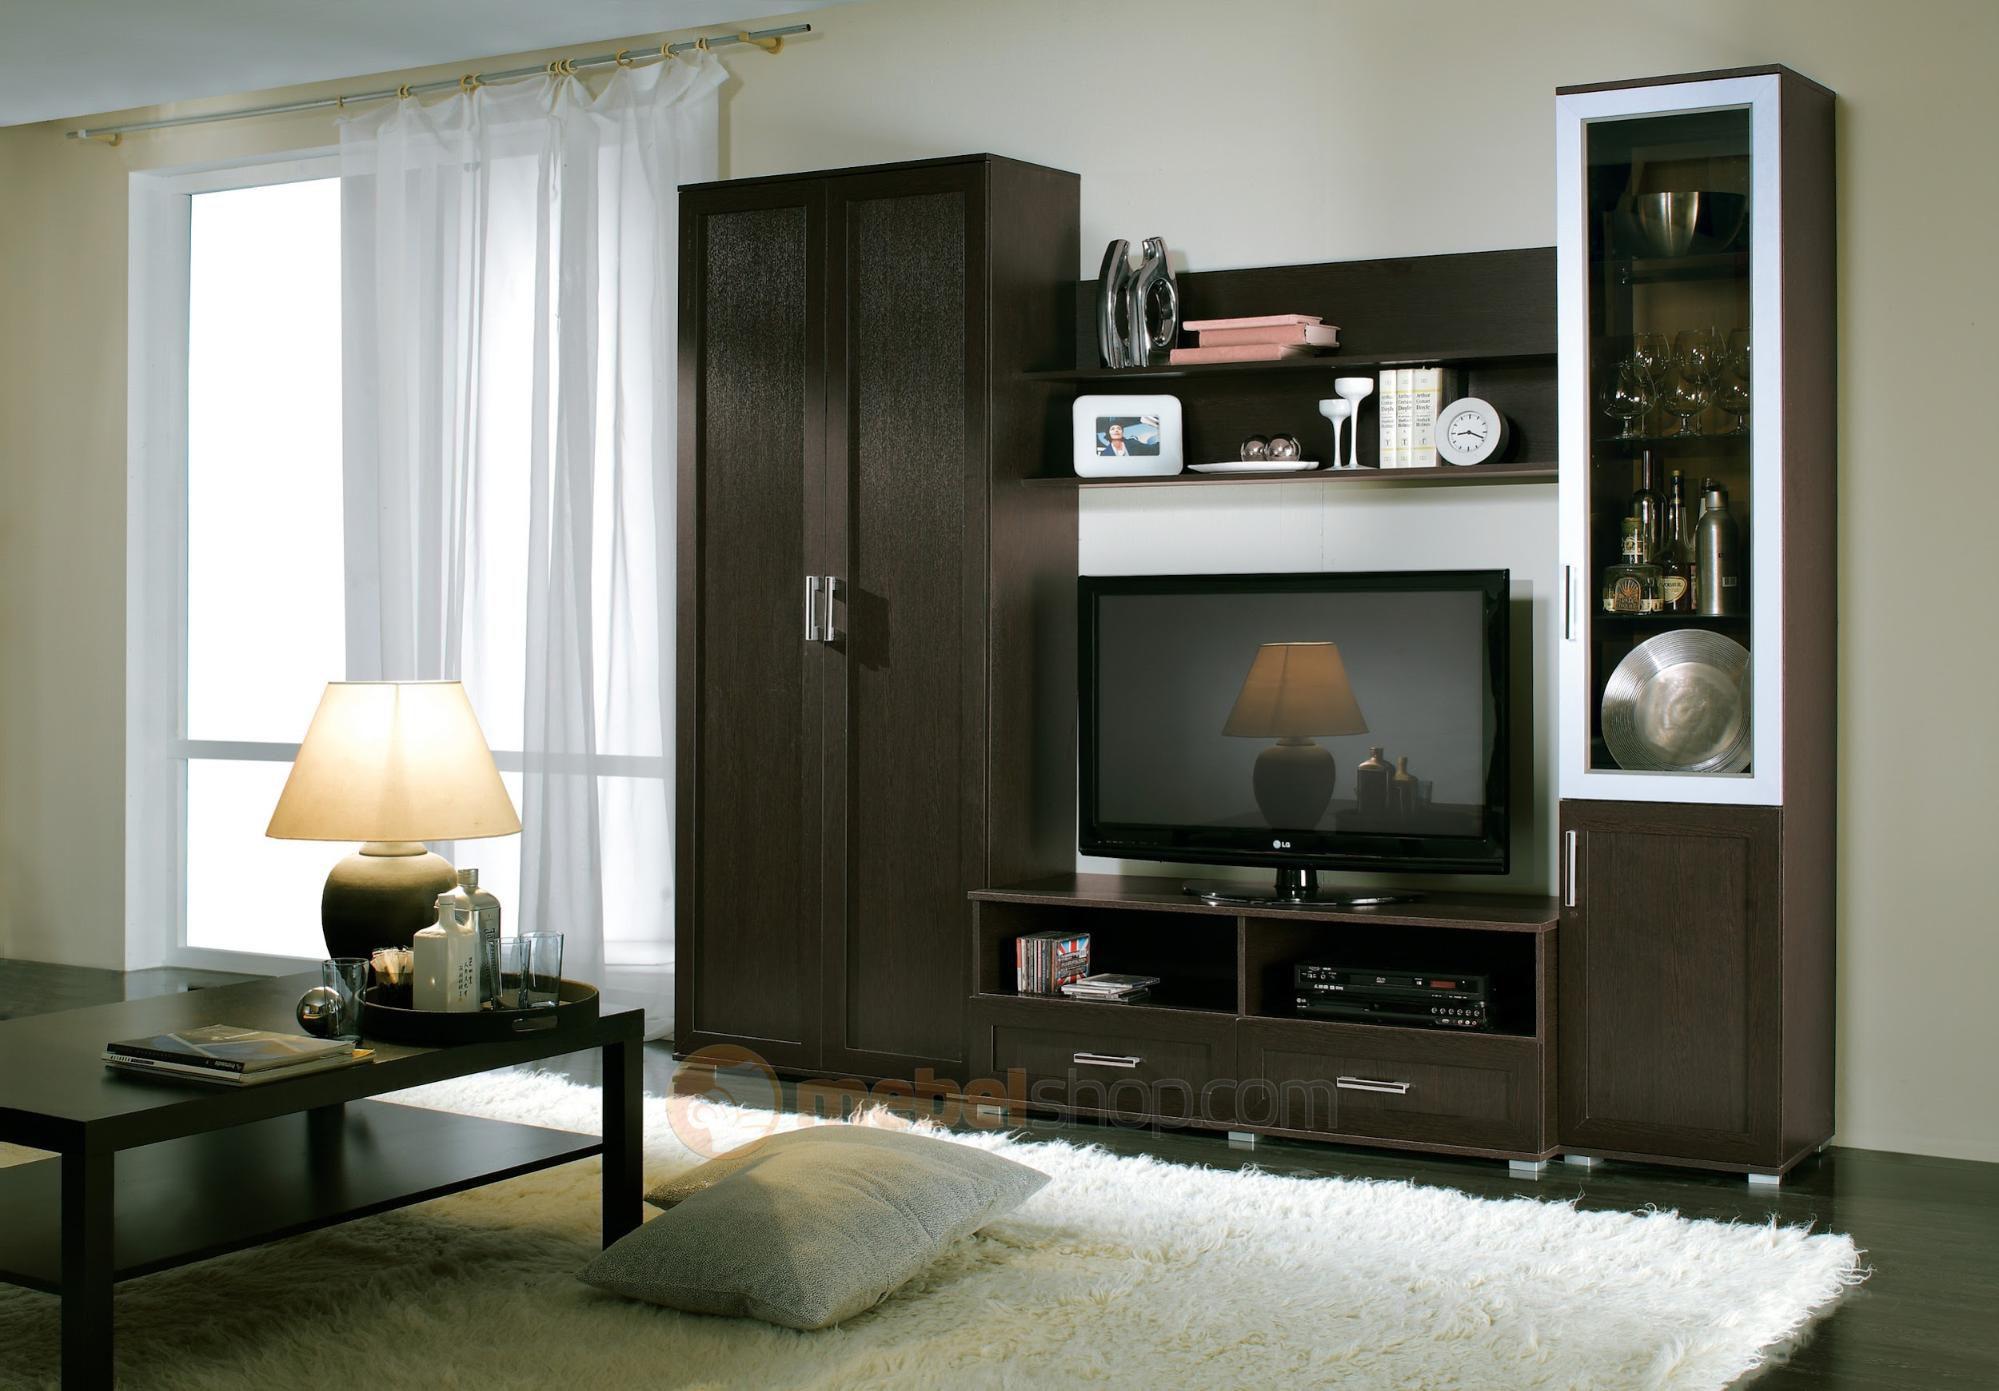 Купить мебель для дома и офиса купить в Минске с доставкой